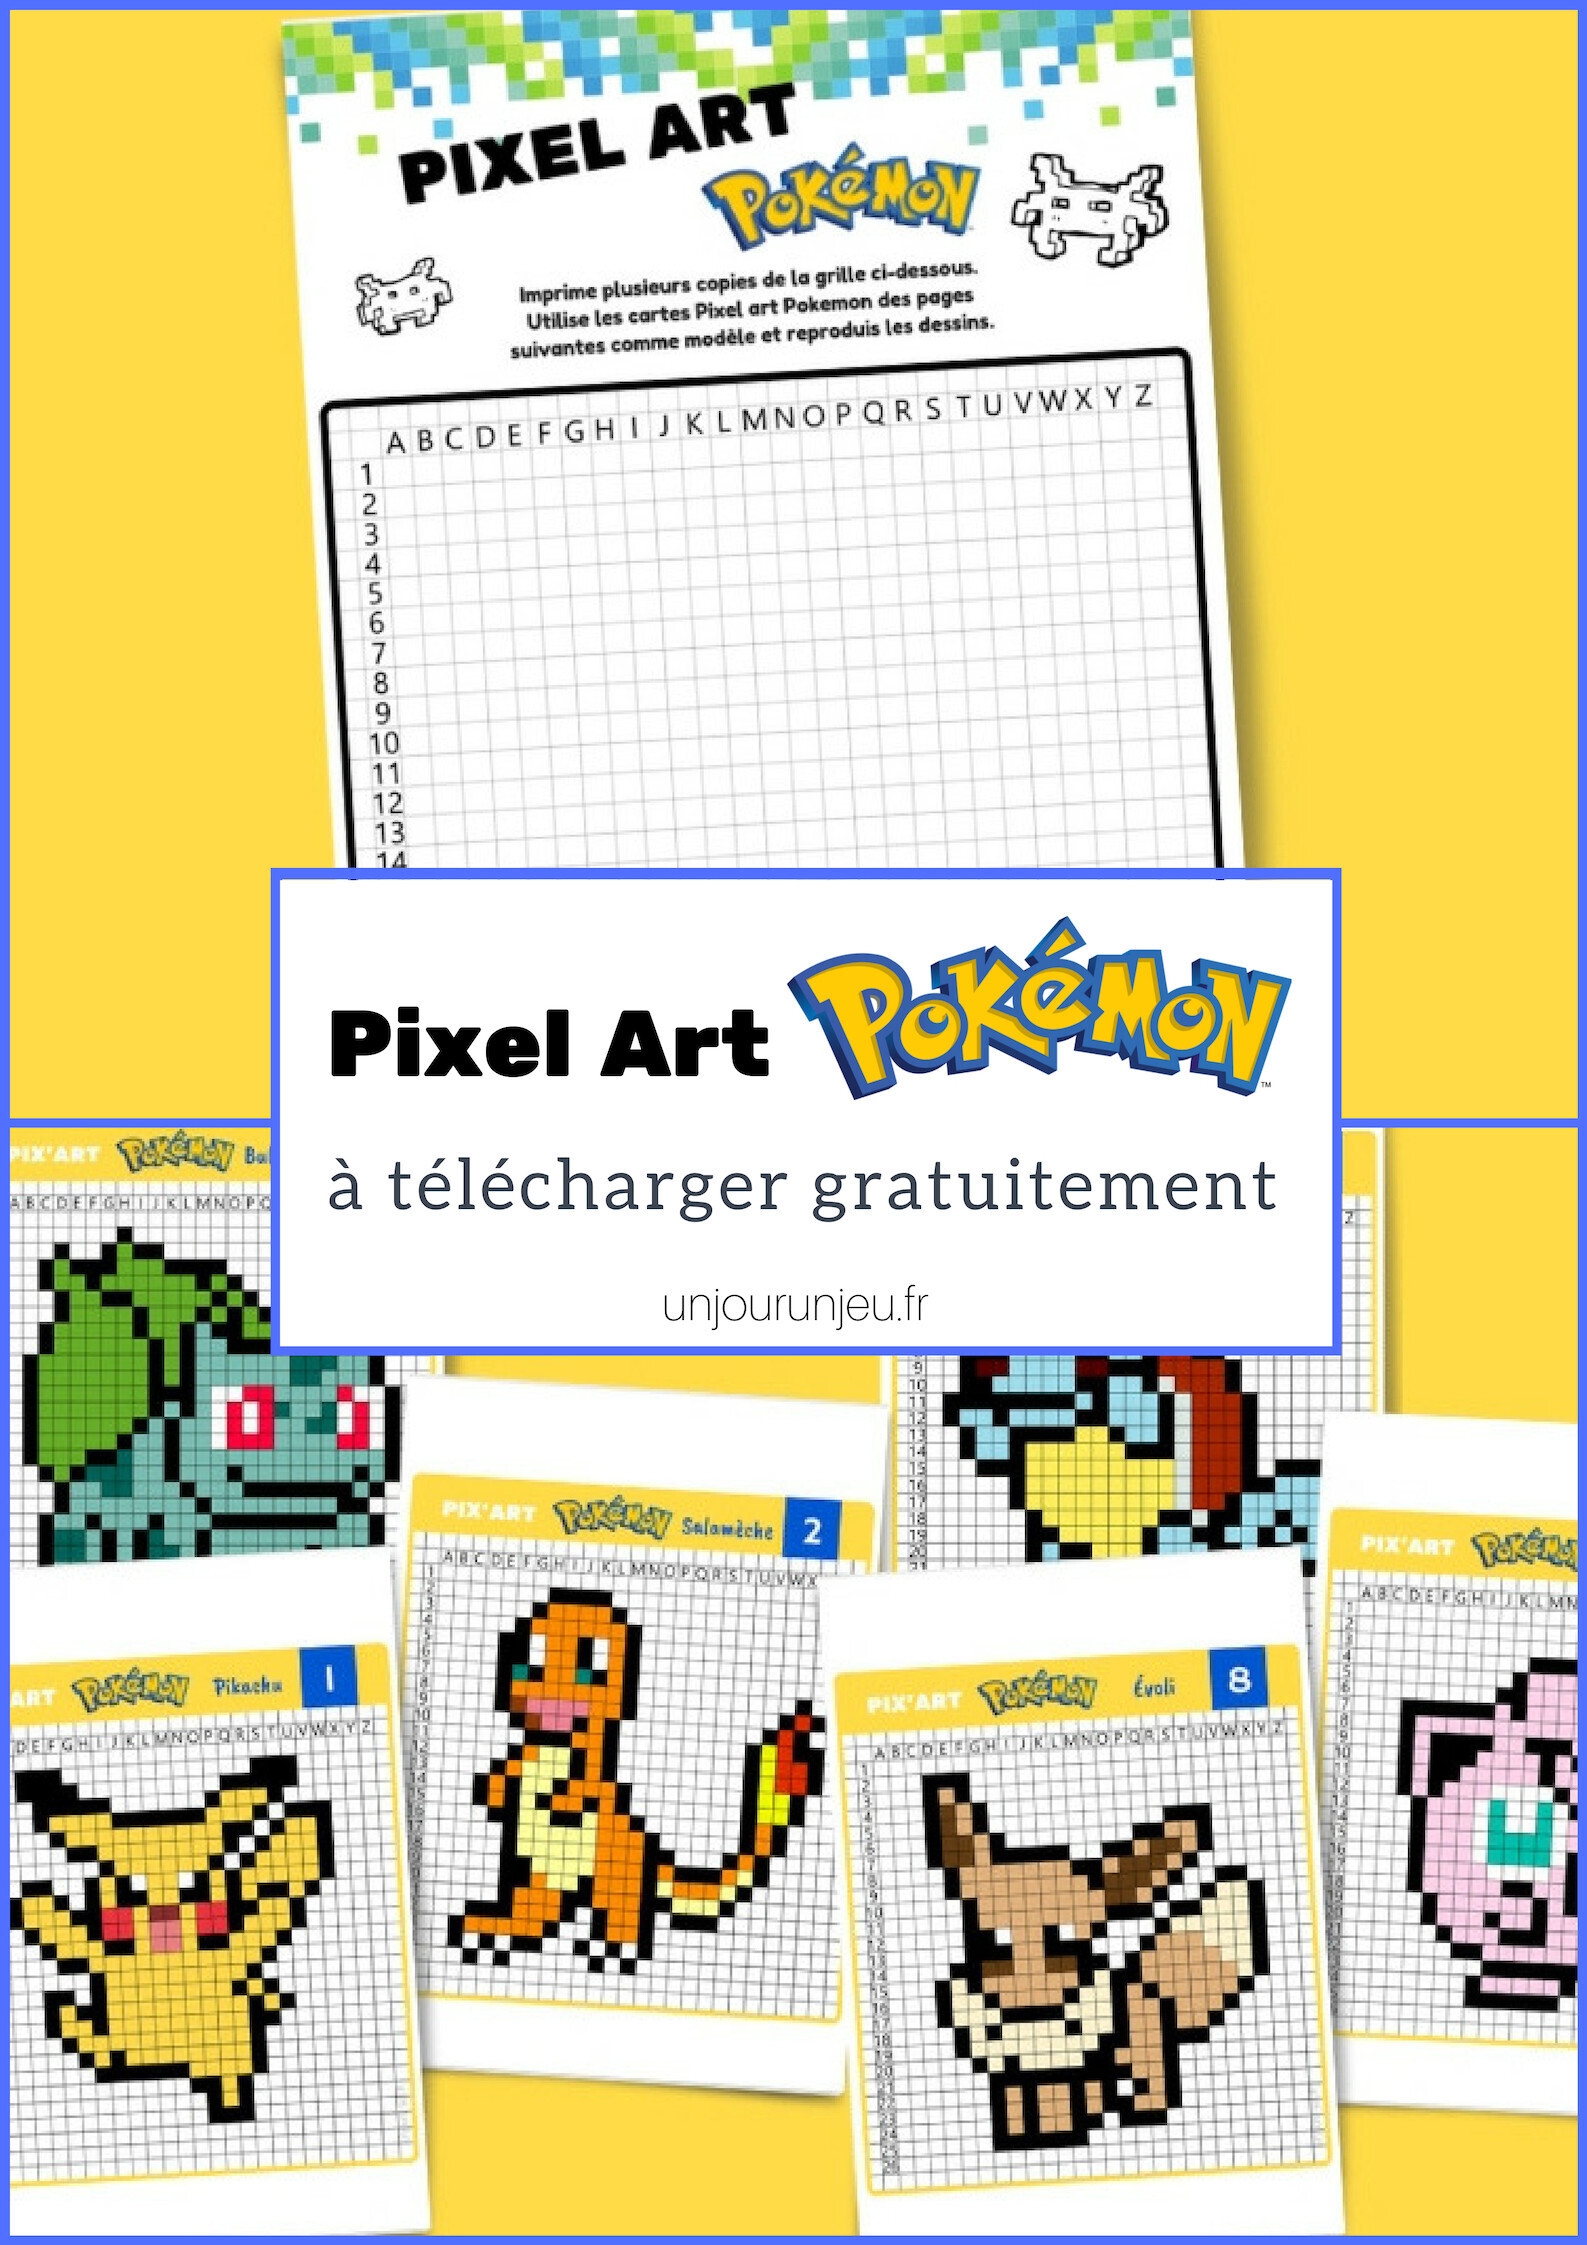 Pixel Art Pokemon Pikachu Salamèche Bulbizarre Etc à